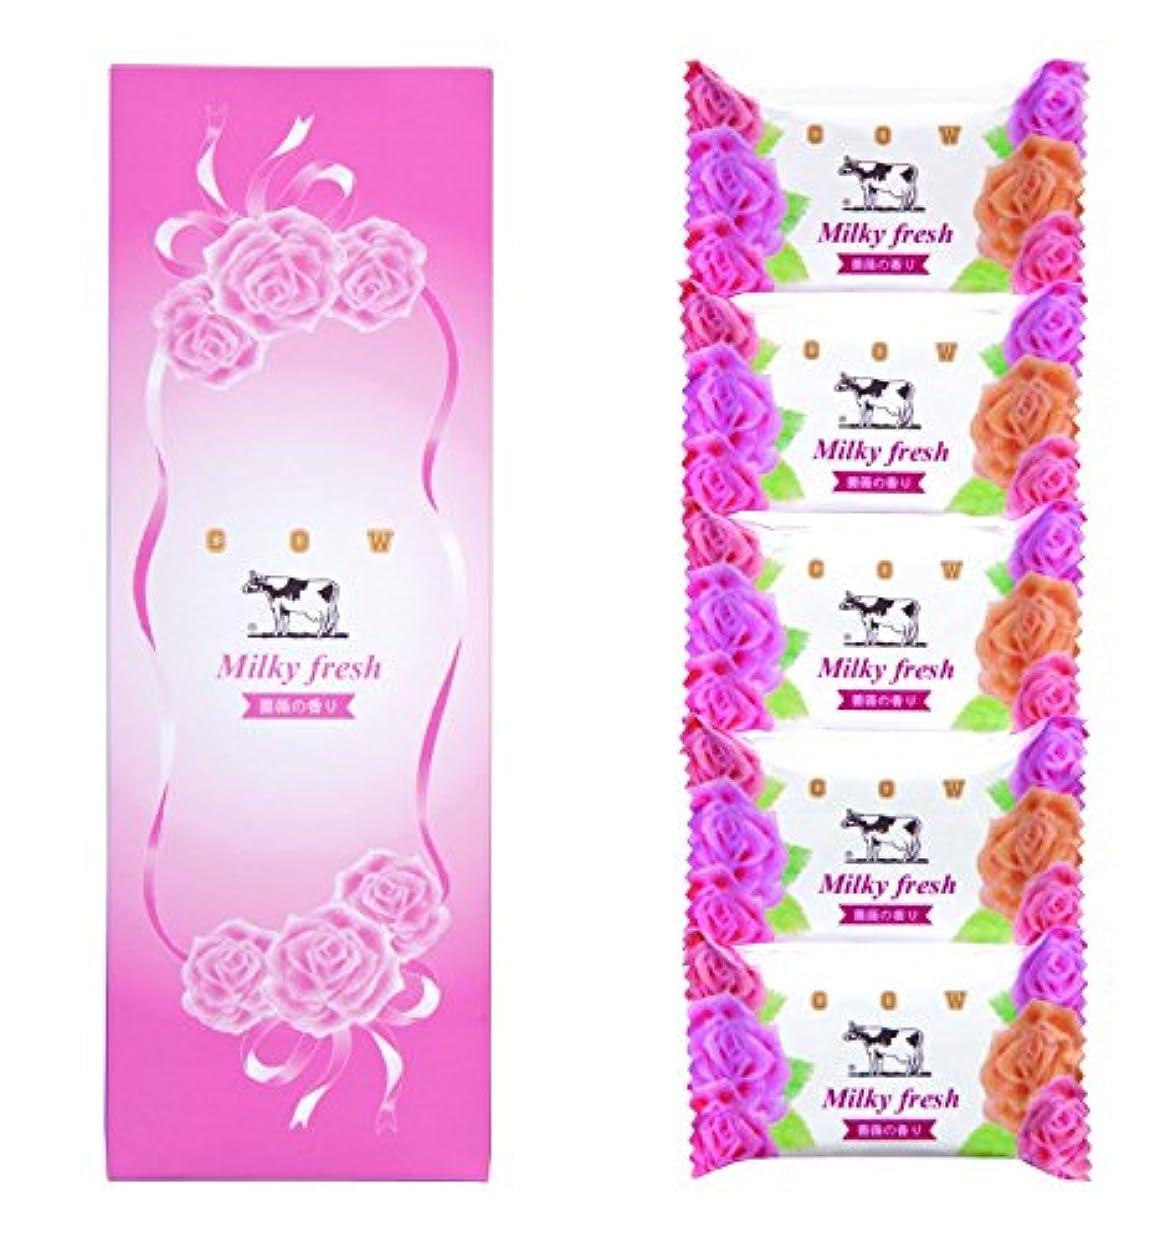 バイソン 牛乳石鹸 ミルキィフレッシュセット MF-5 (石鹸80g×5個)